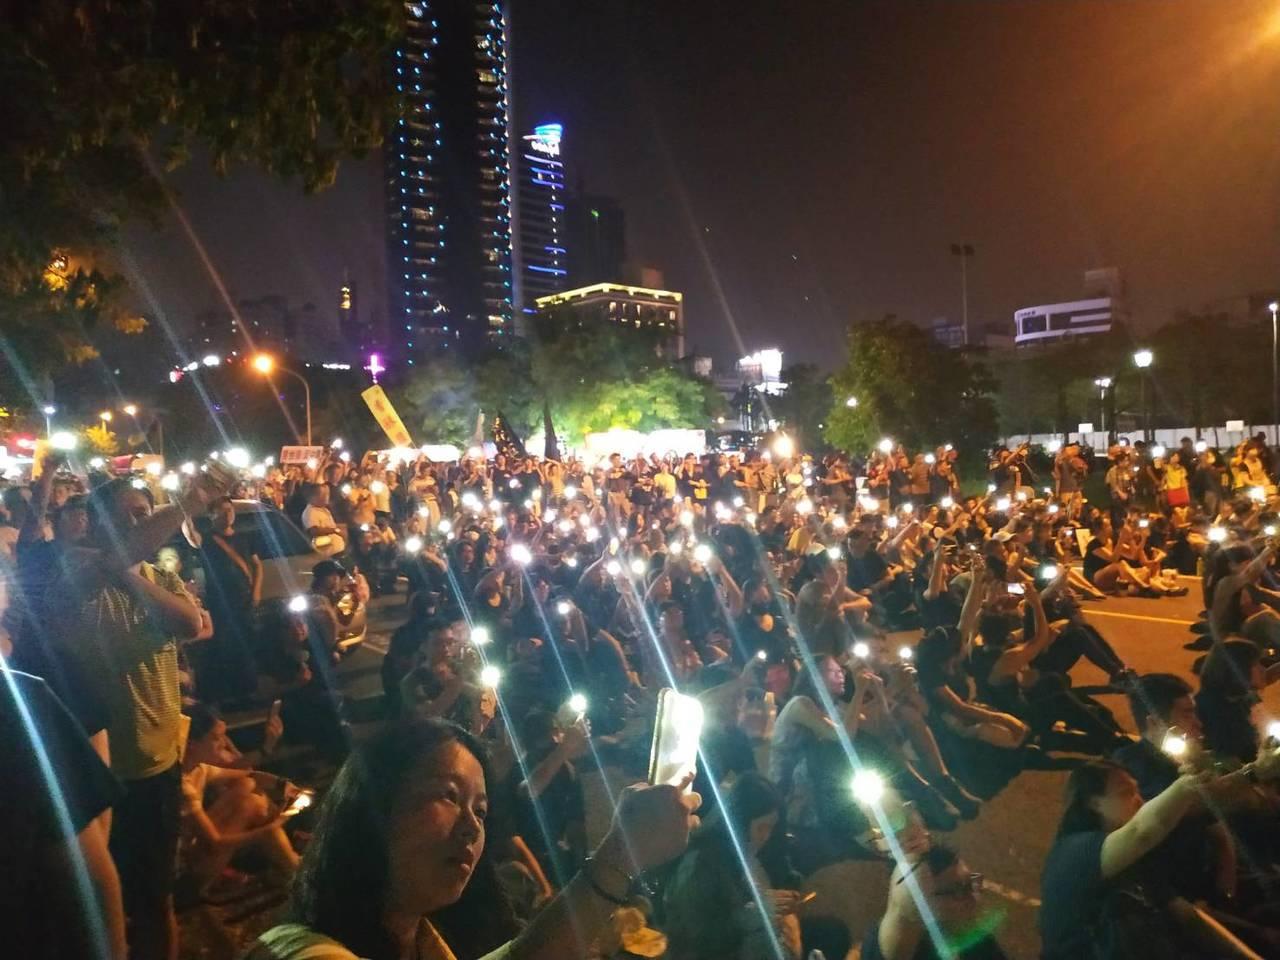 港生團體今晚在高雄鼓山區凹仔底公園舉辦929反極權活動,主辦方宣稱有5000人到...